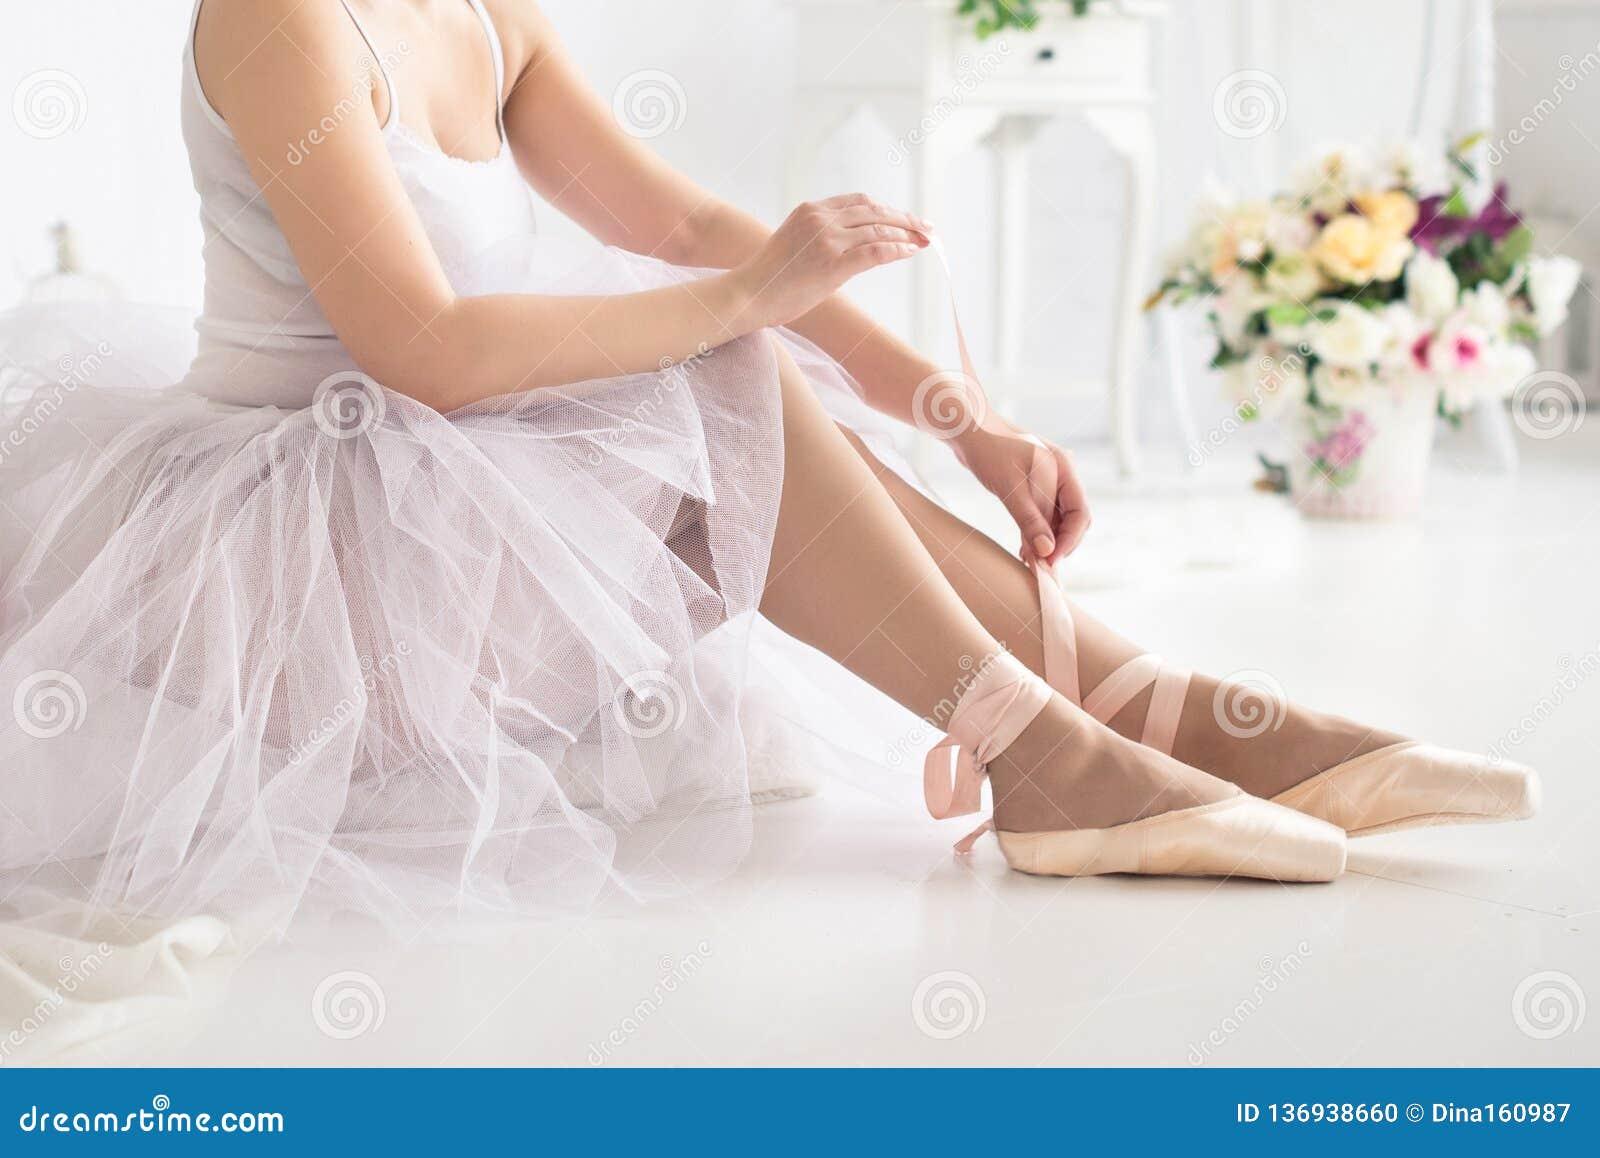 Balerina wiąże pointe baletniczych buty z bliska